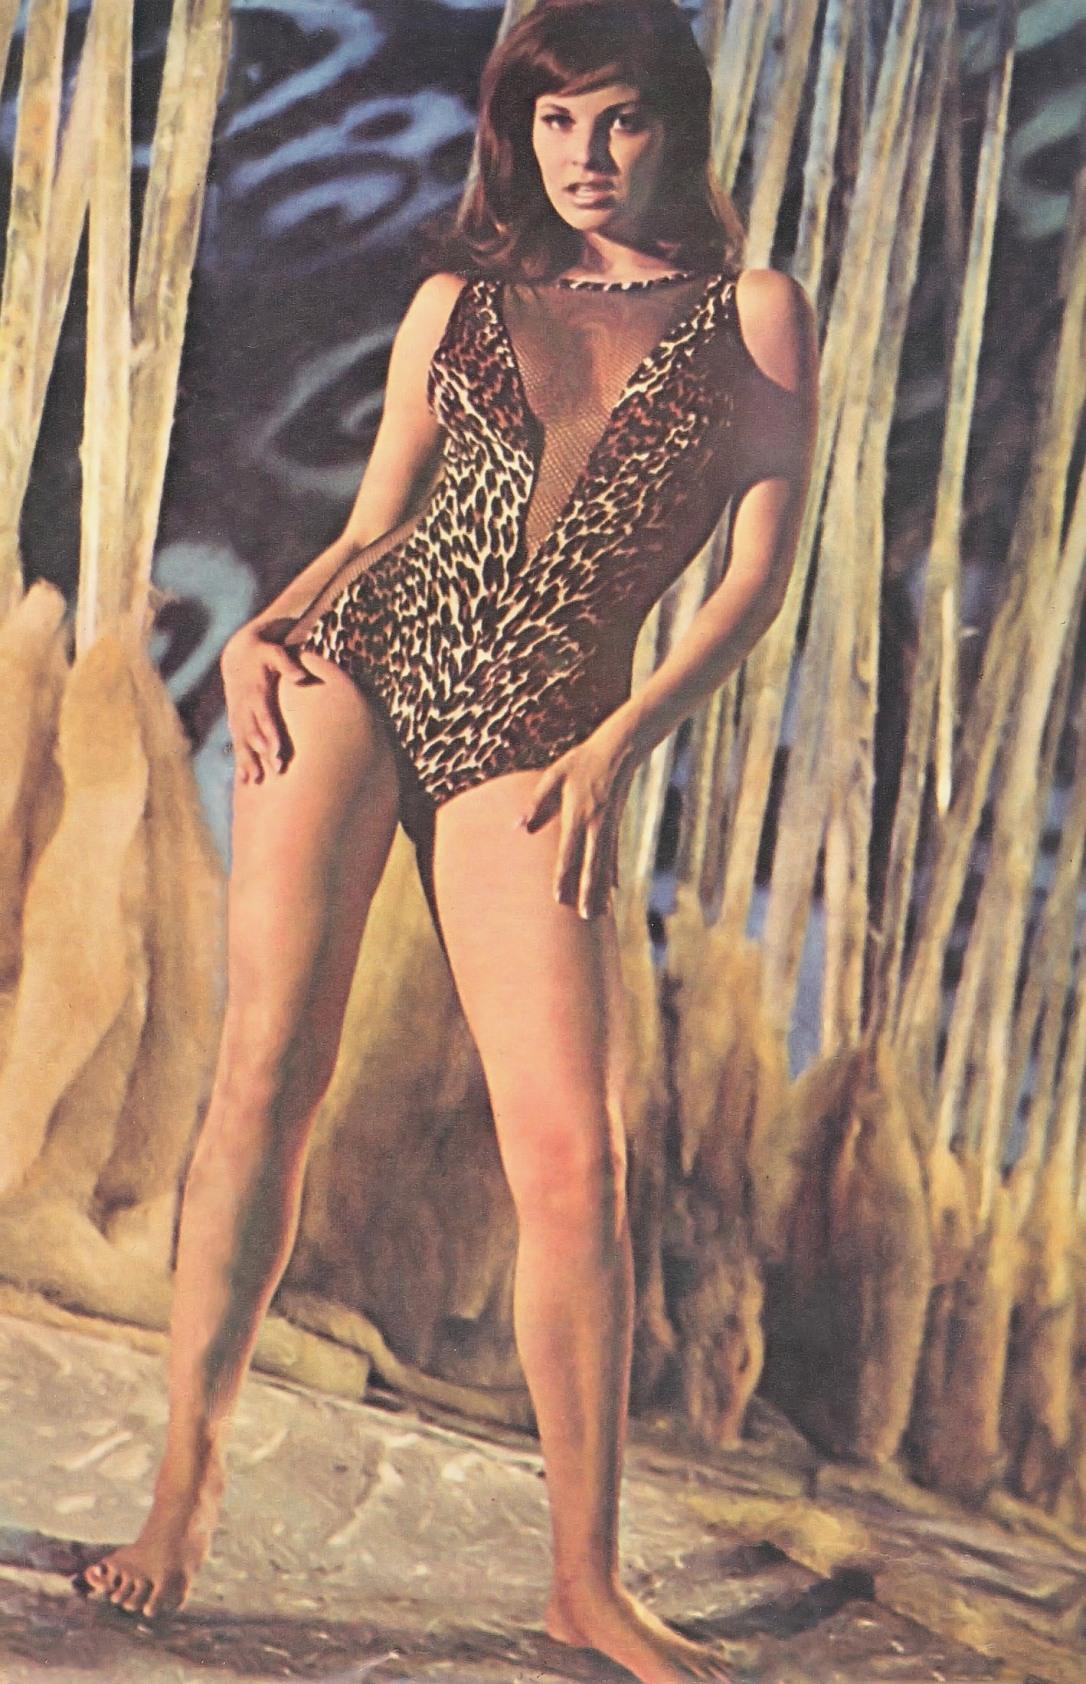 raquel leopard 7